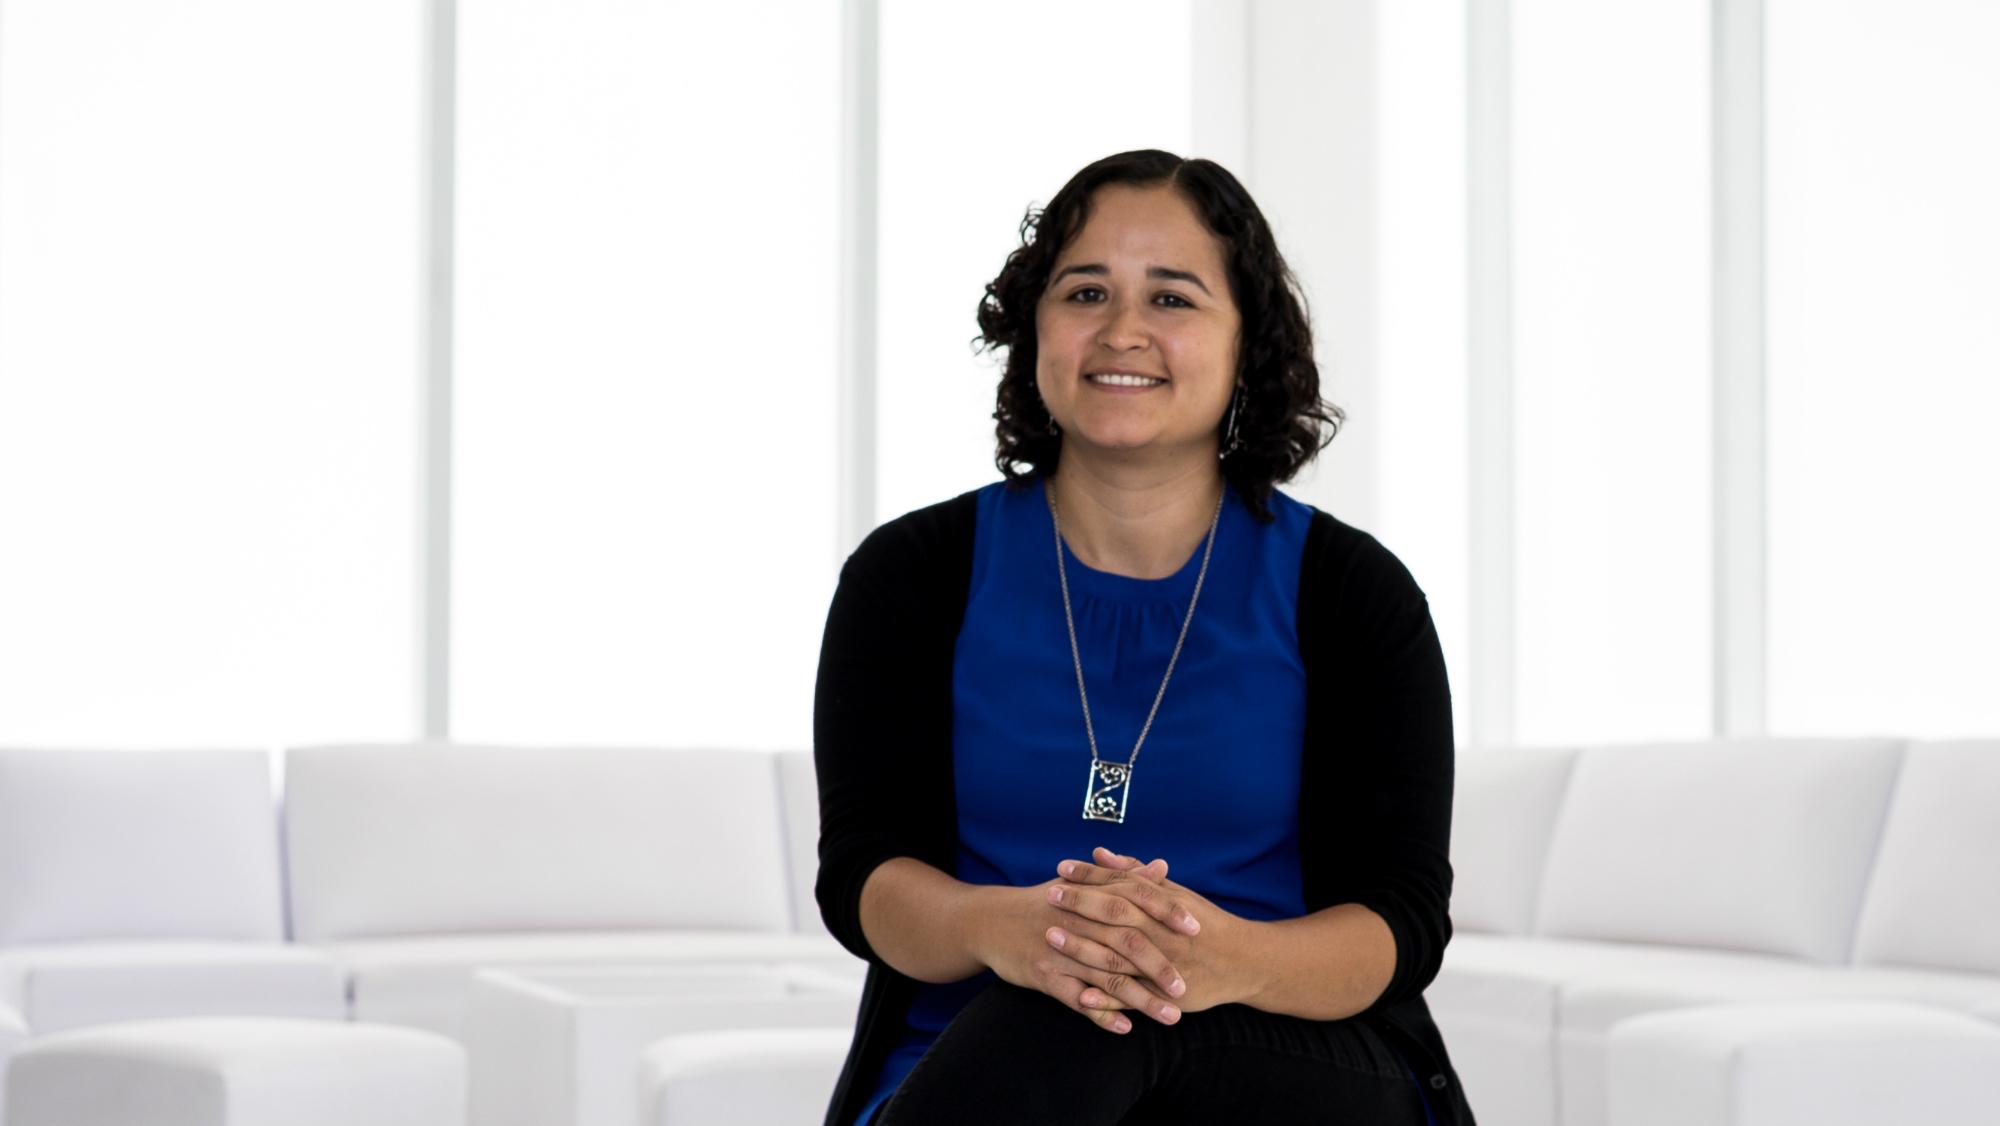 Dr Selene Fernandez-Valverde